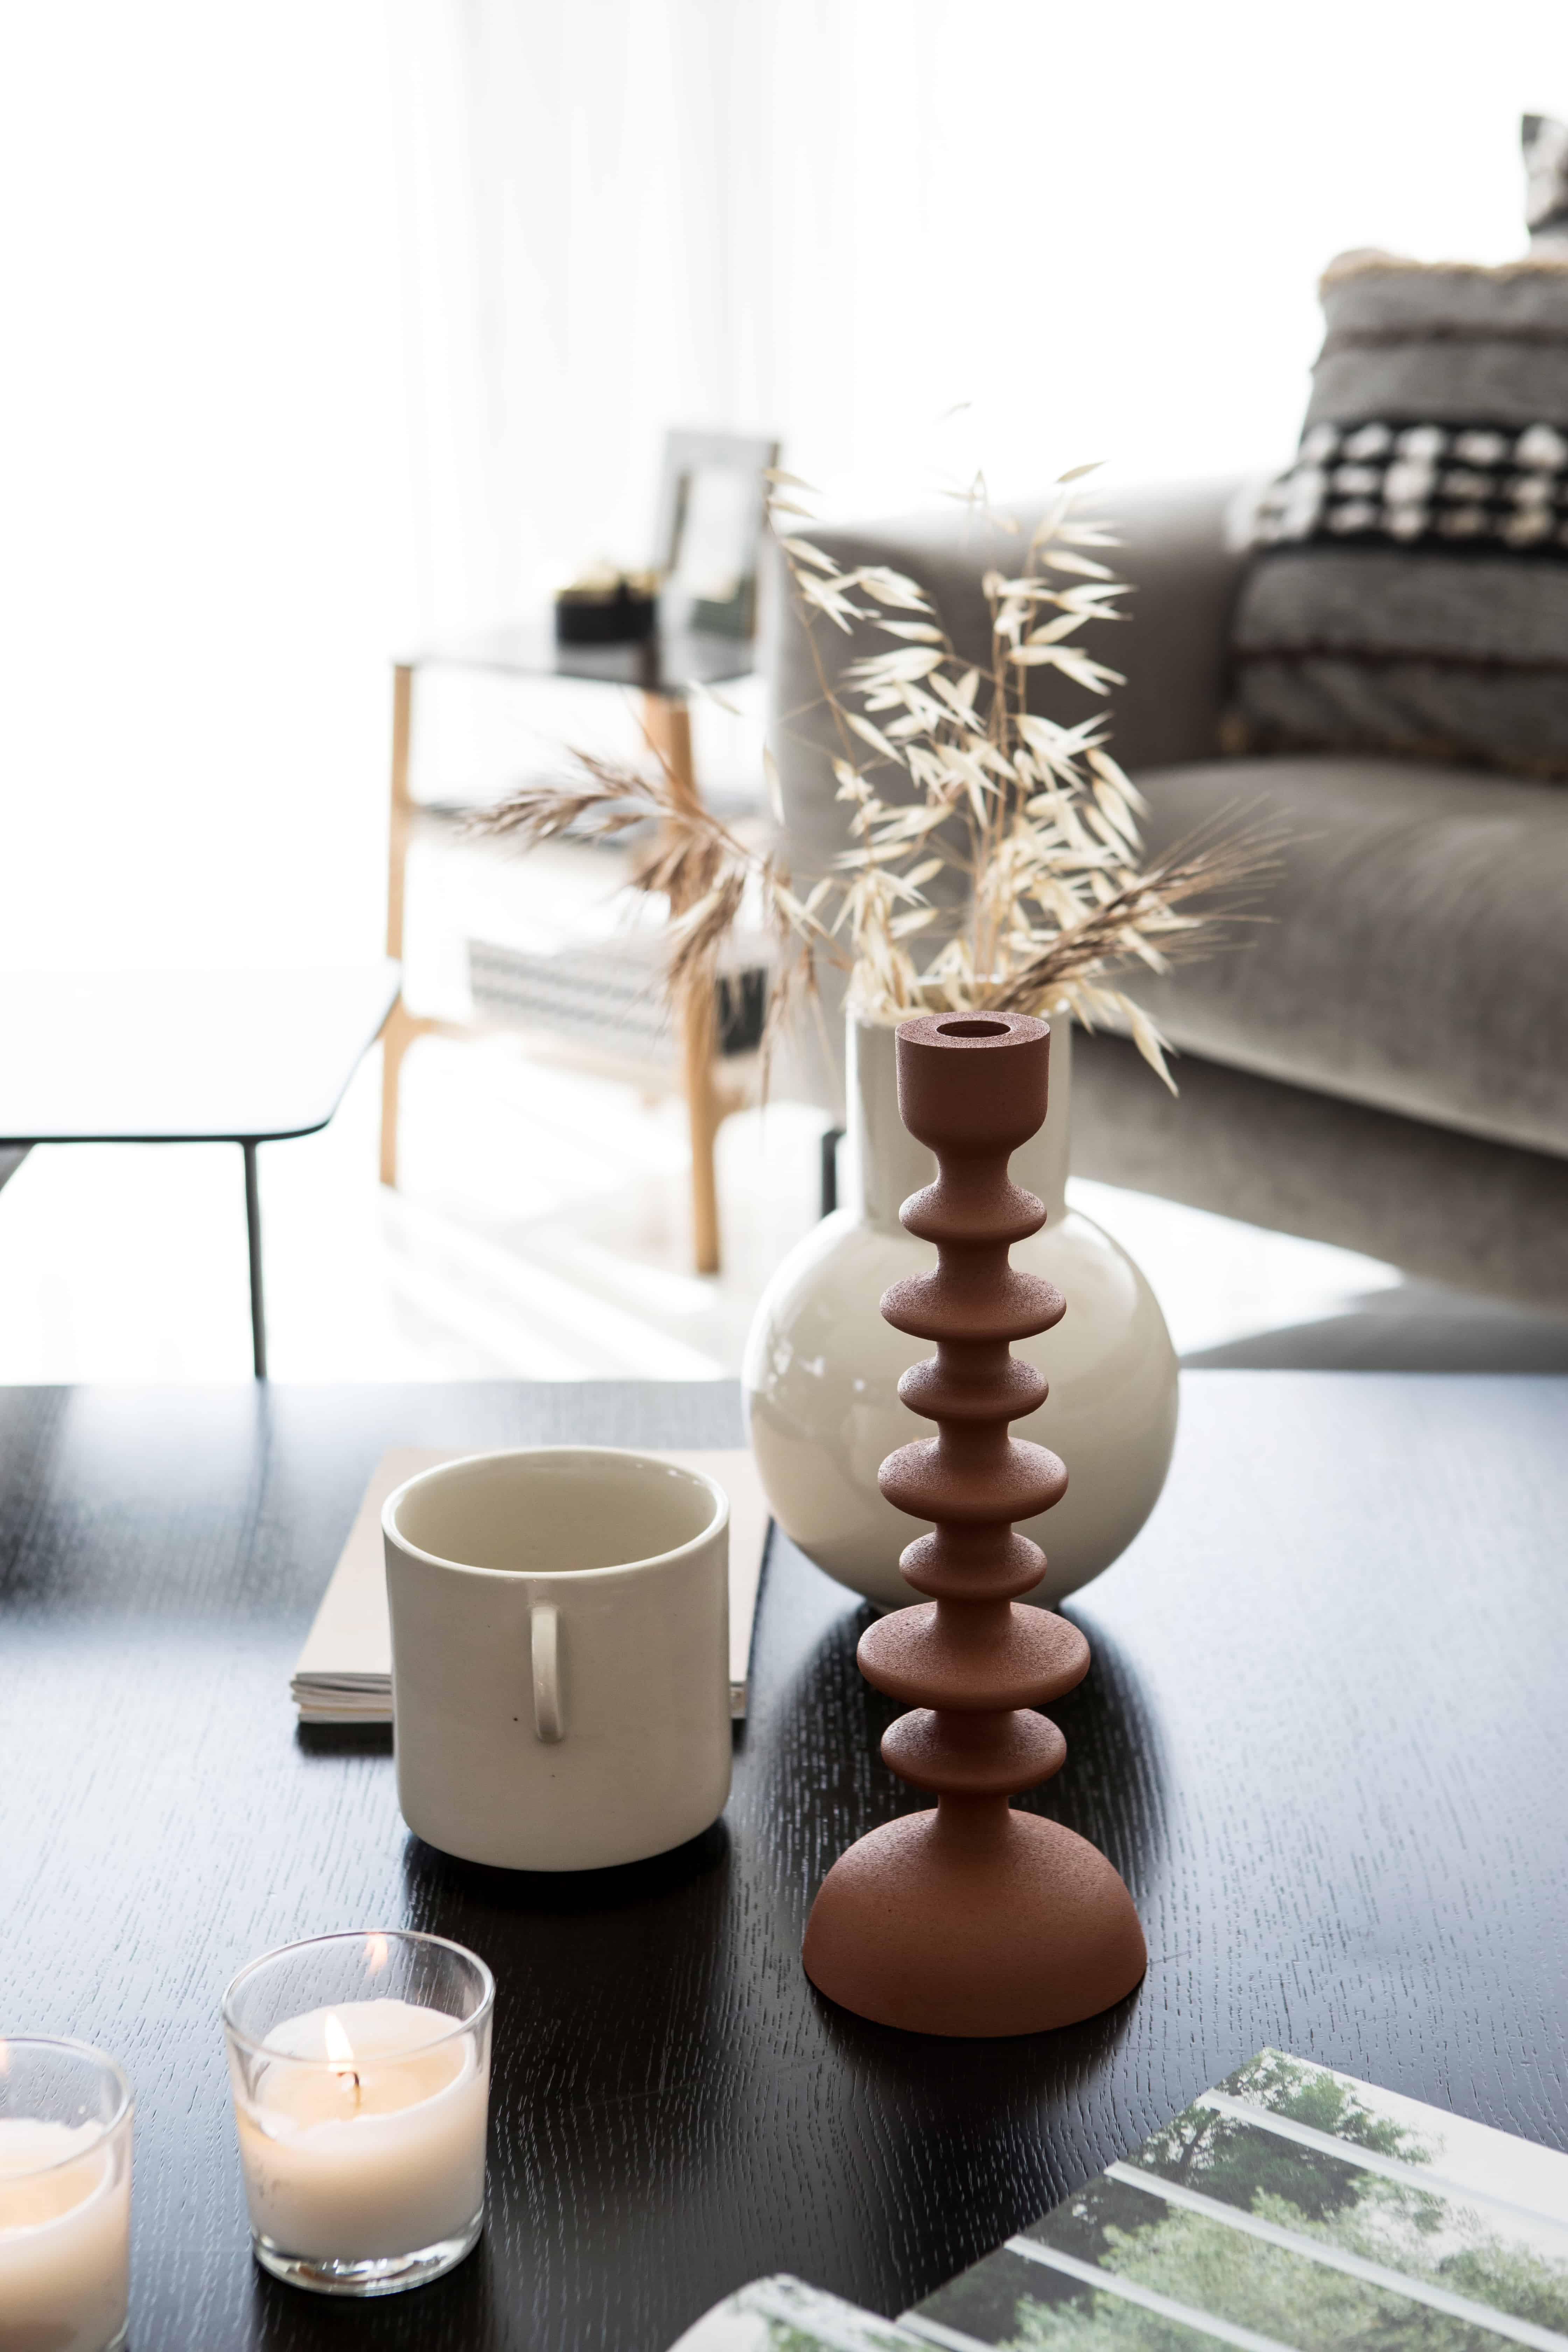 תקריב שולחן סלון ,פמוטים וכד עם עשבים עיצוב לירז בוקעי